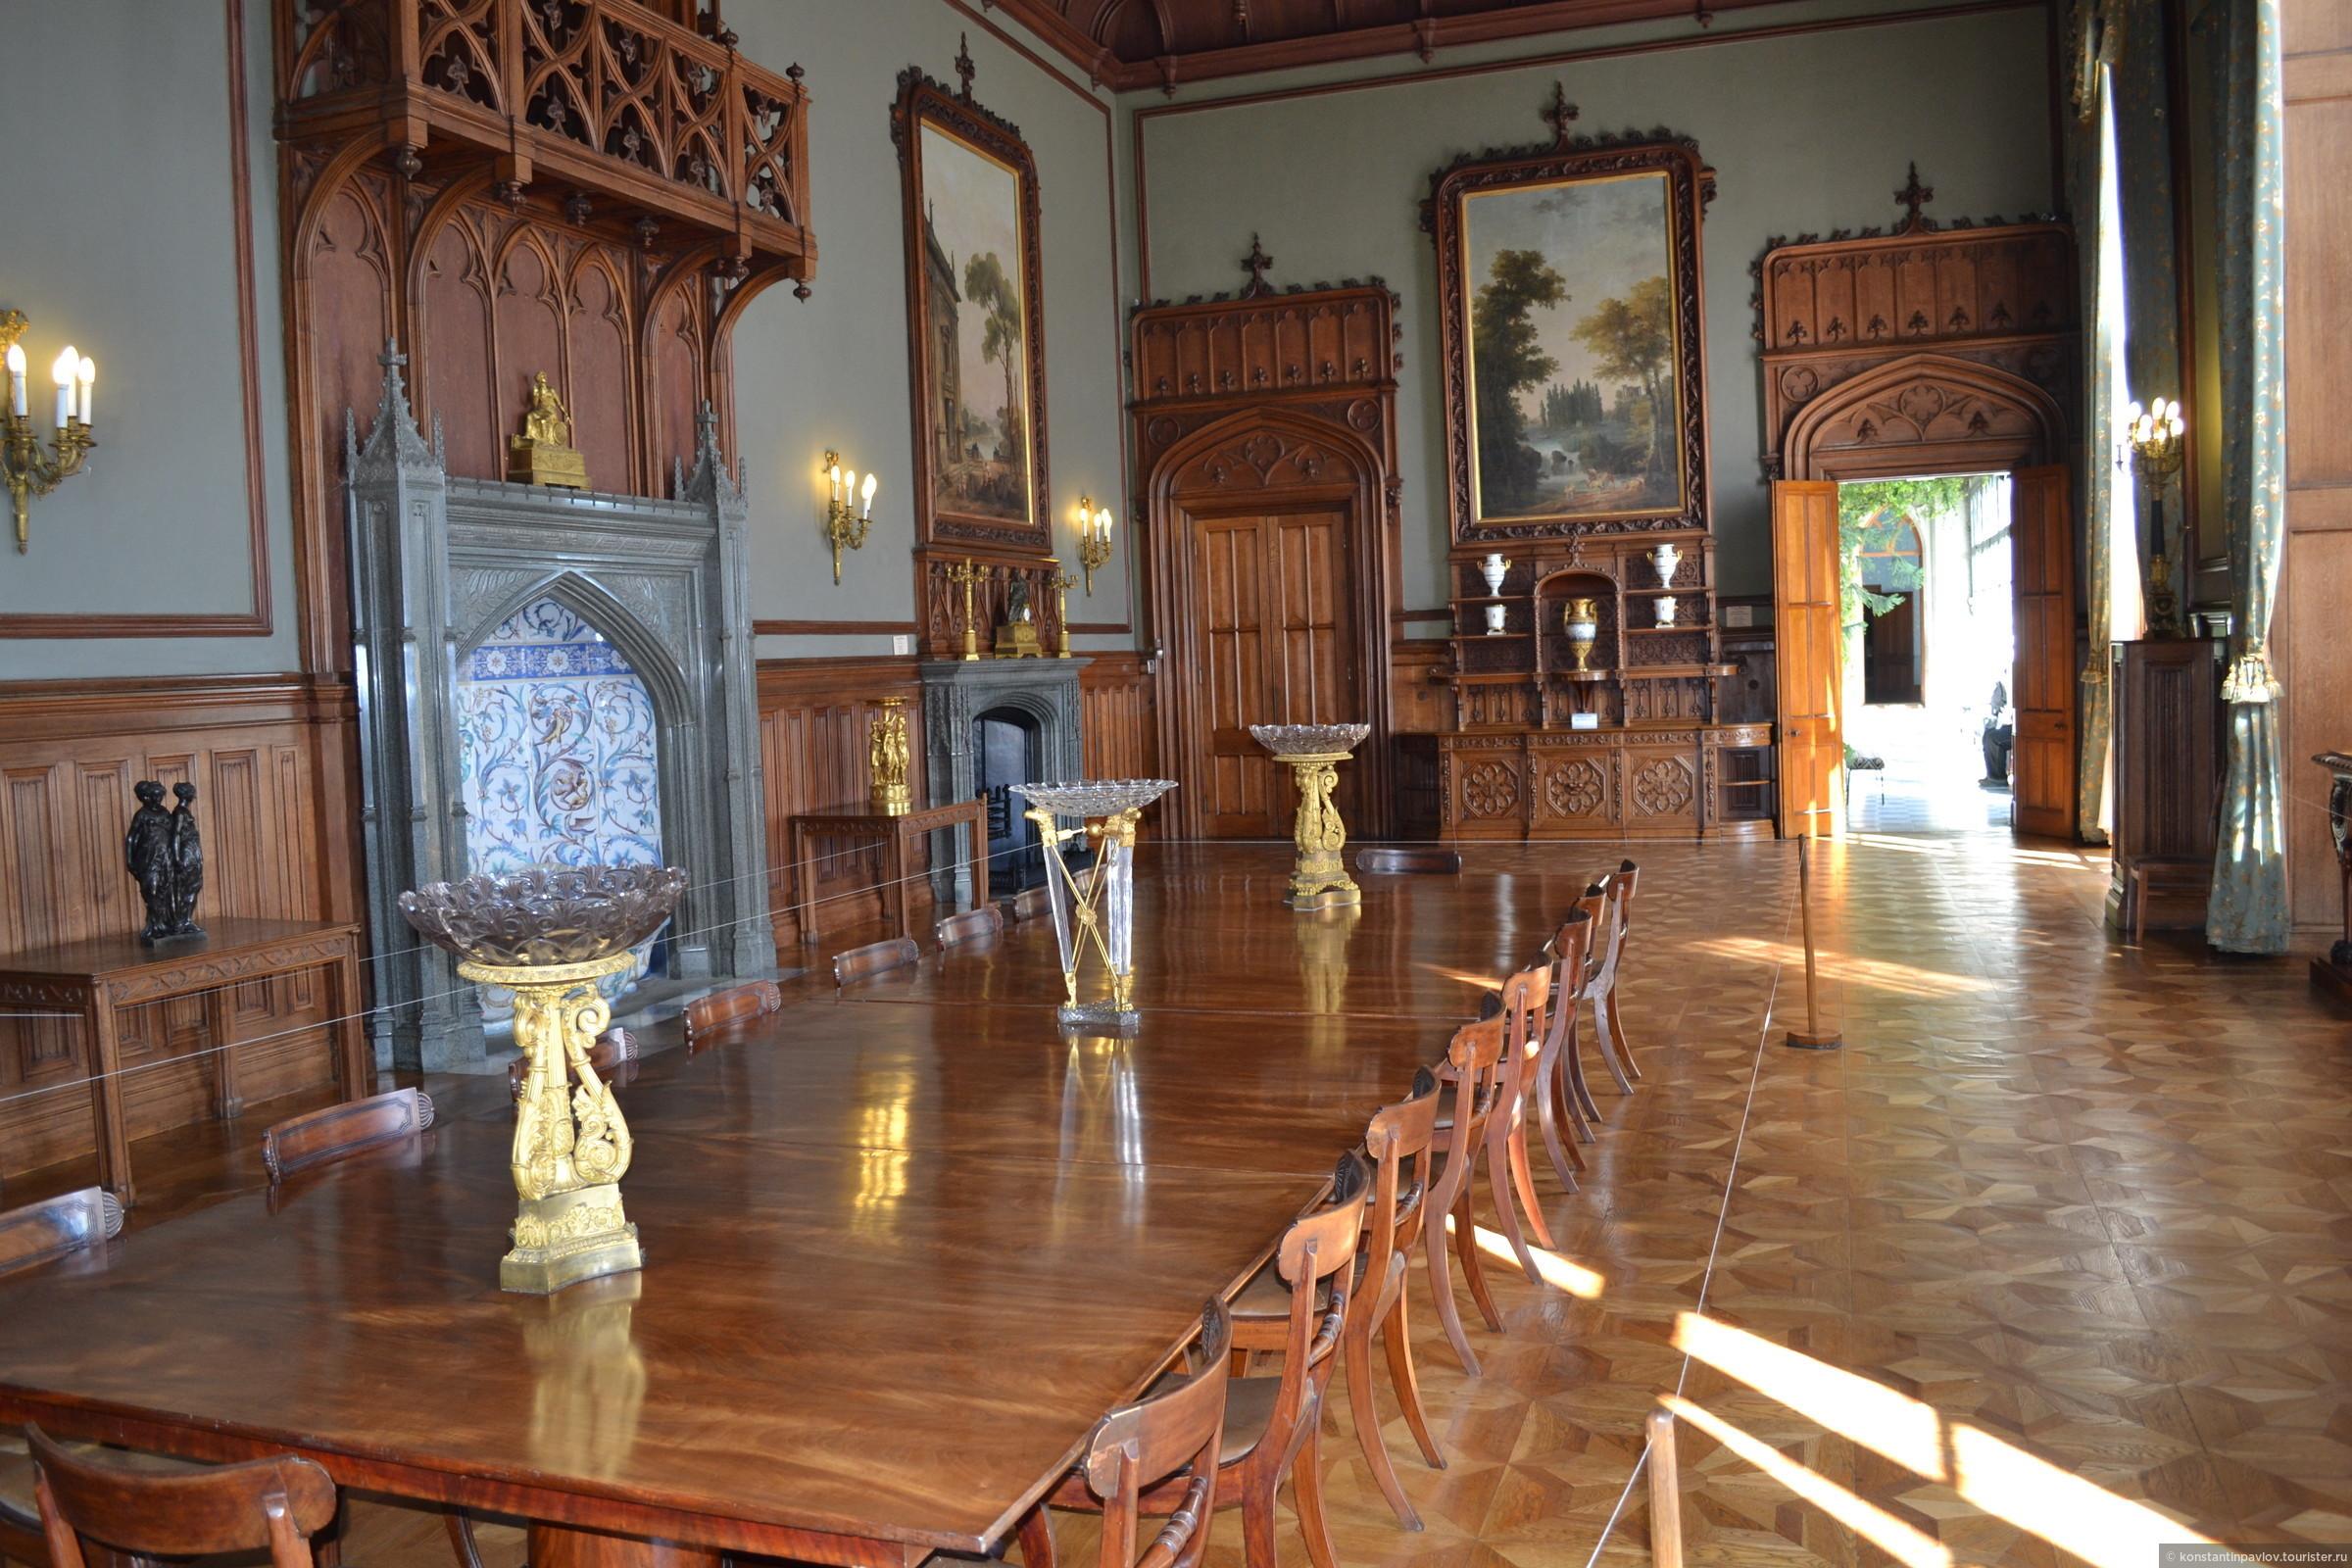 воронцовский дворец фото помещения для прислуги обсуждение темы